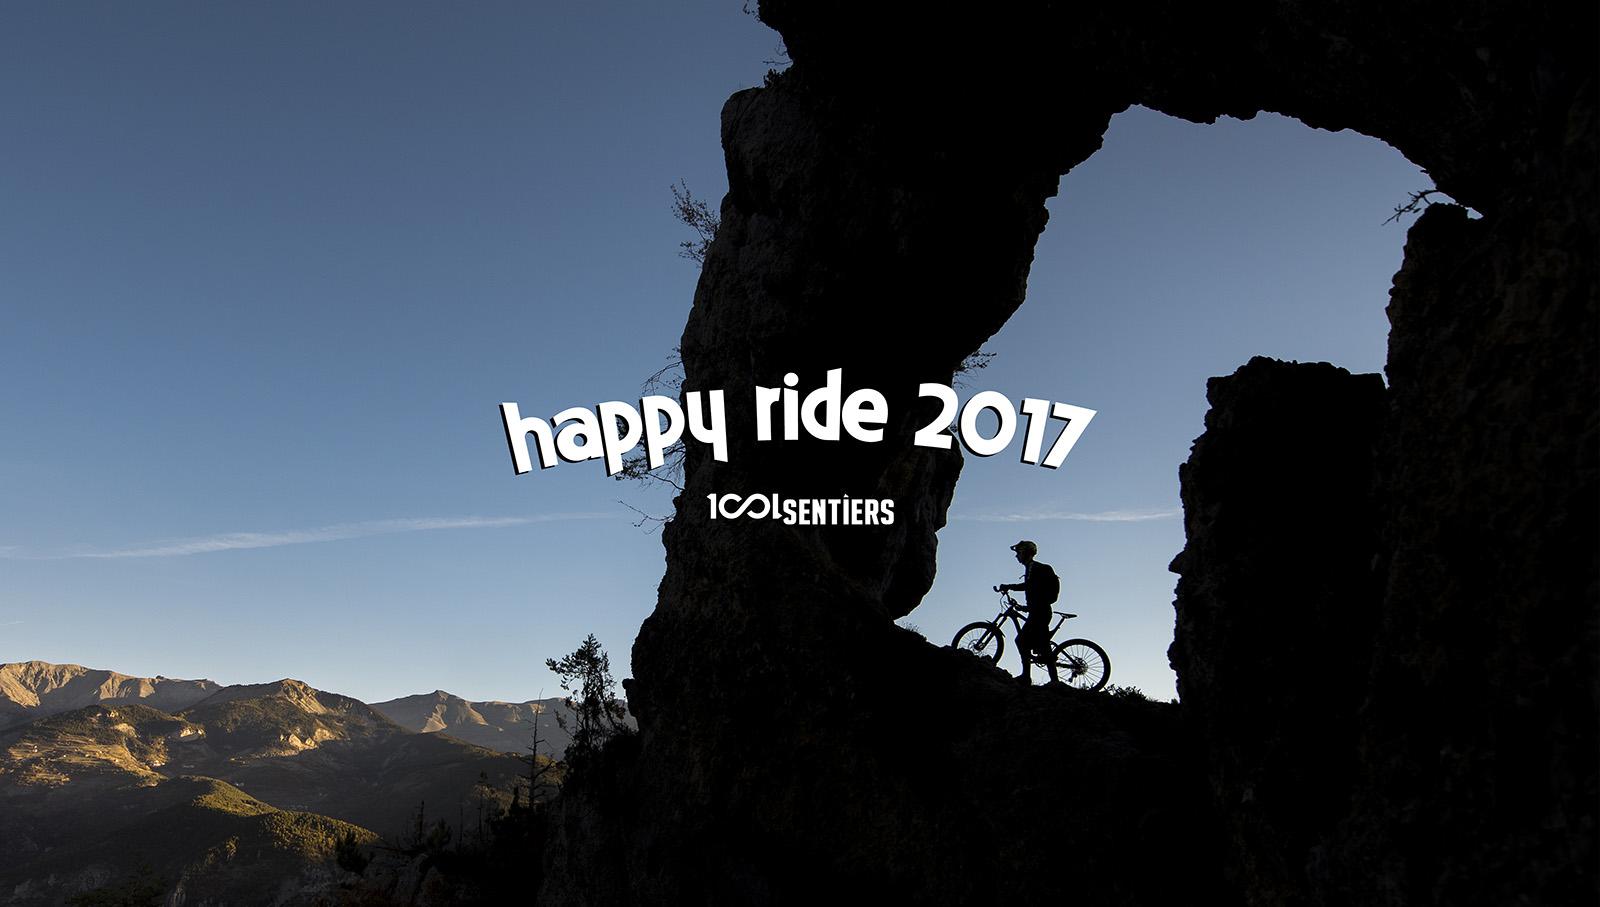 happy-ride-2017-1001sentiers